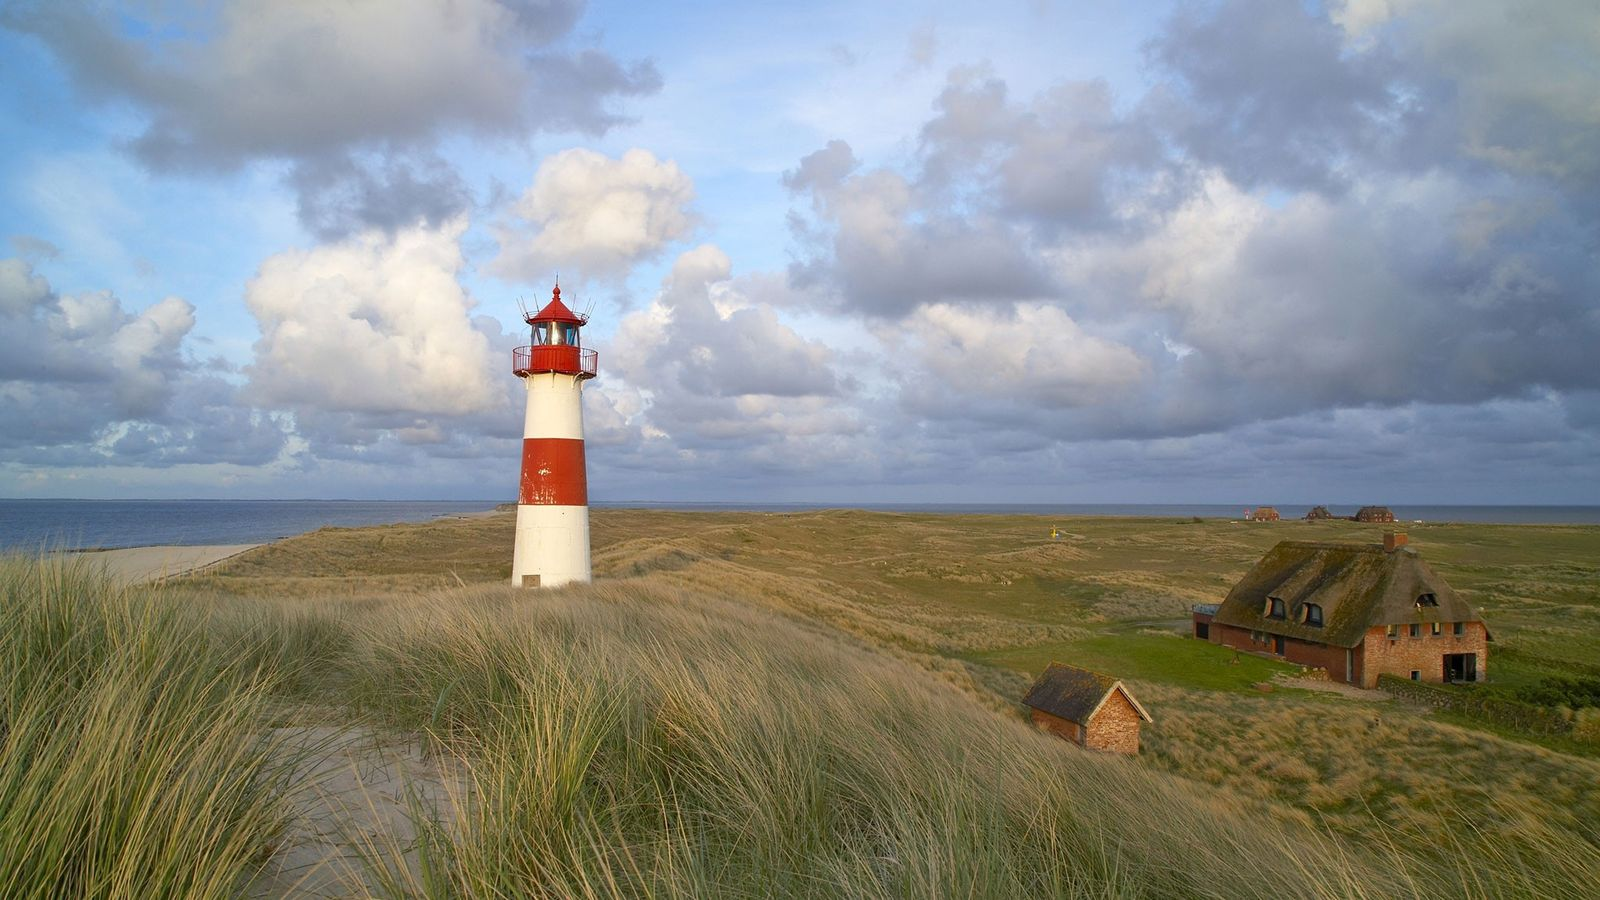 Ein Leuchtturm ragt über der Dünenlandschaft auf der deutschen Insel Sylt auf.